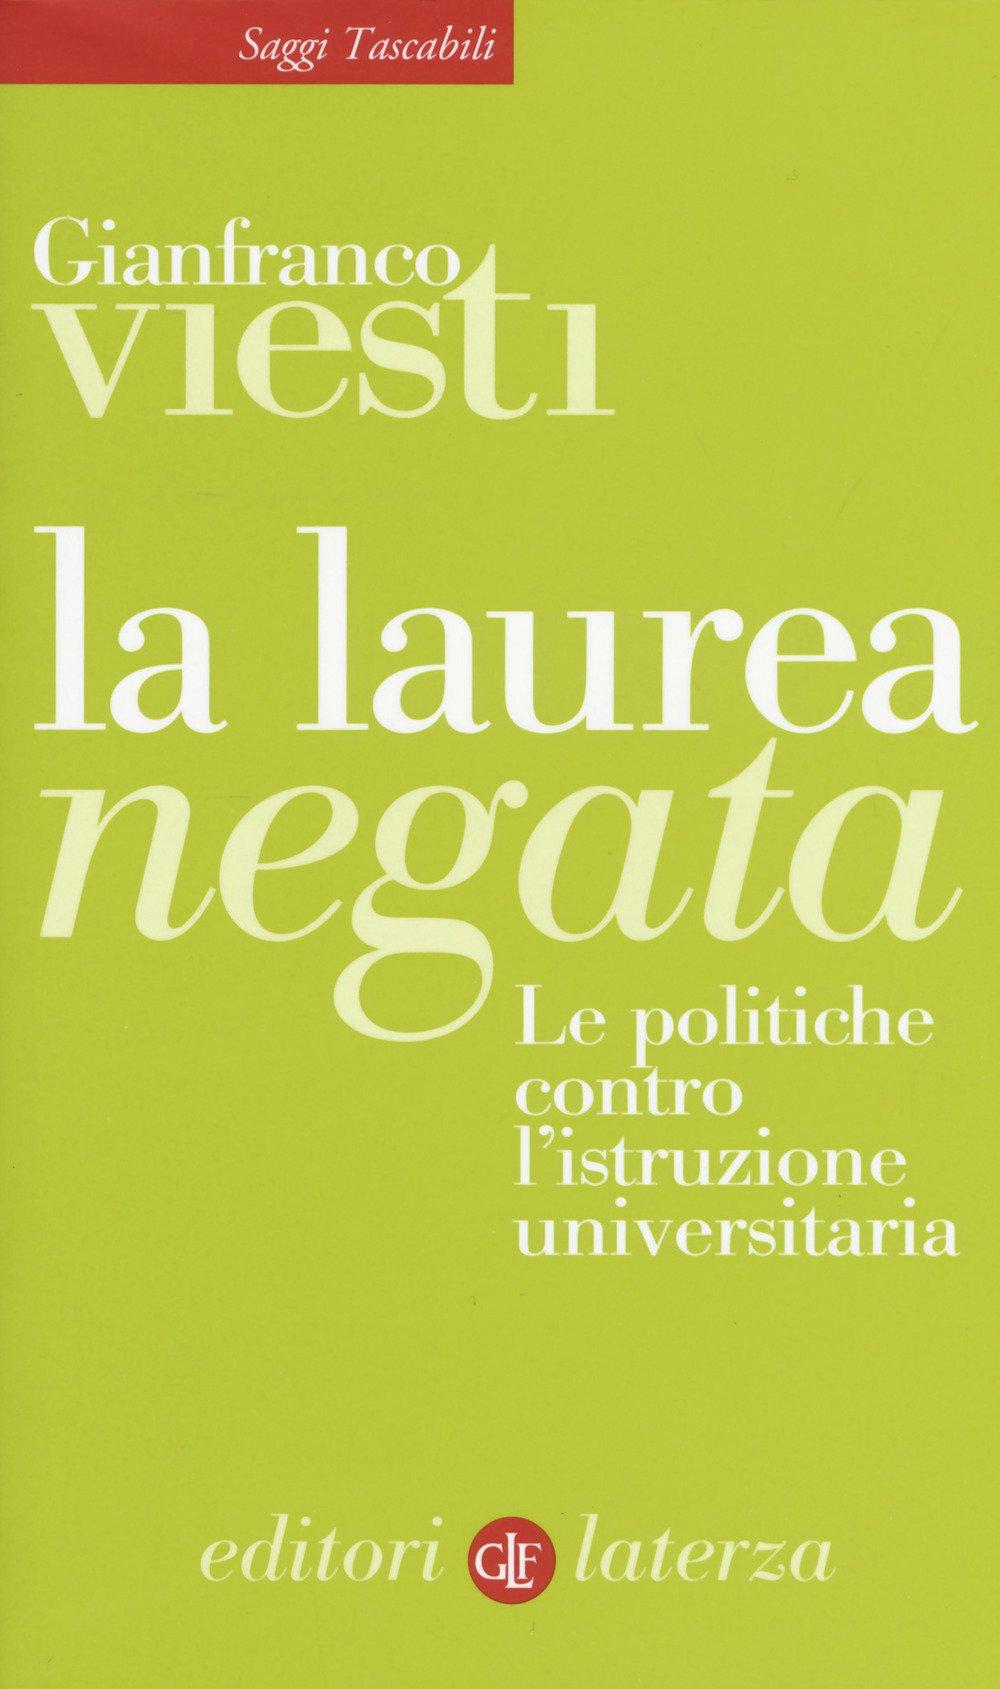 La laurea negata. Le politiche contro l'istruzione universitaria: Amazon.it: Viesti, Gianfranco: Libri